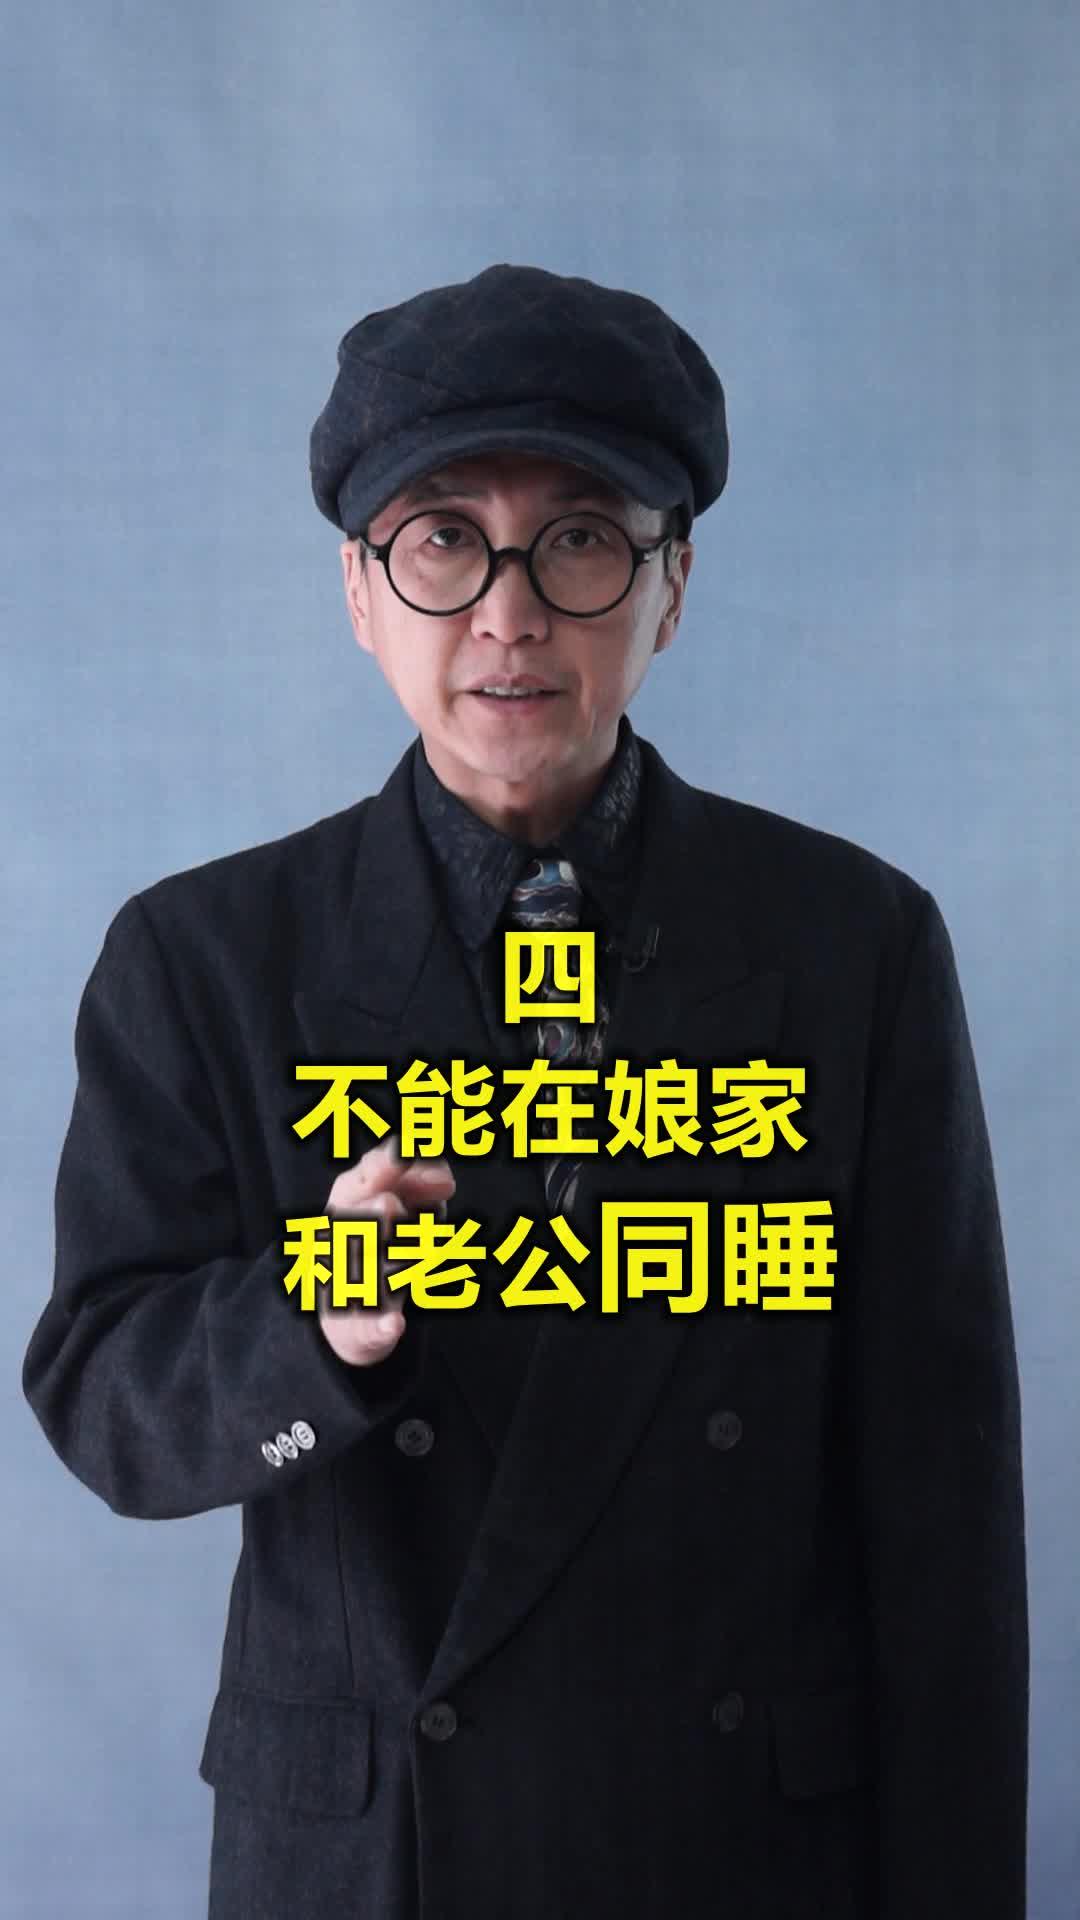 卢炫吉脱口秀2021第33期 女性保命十条法则?